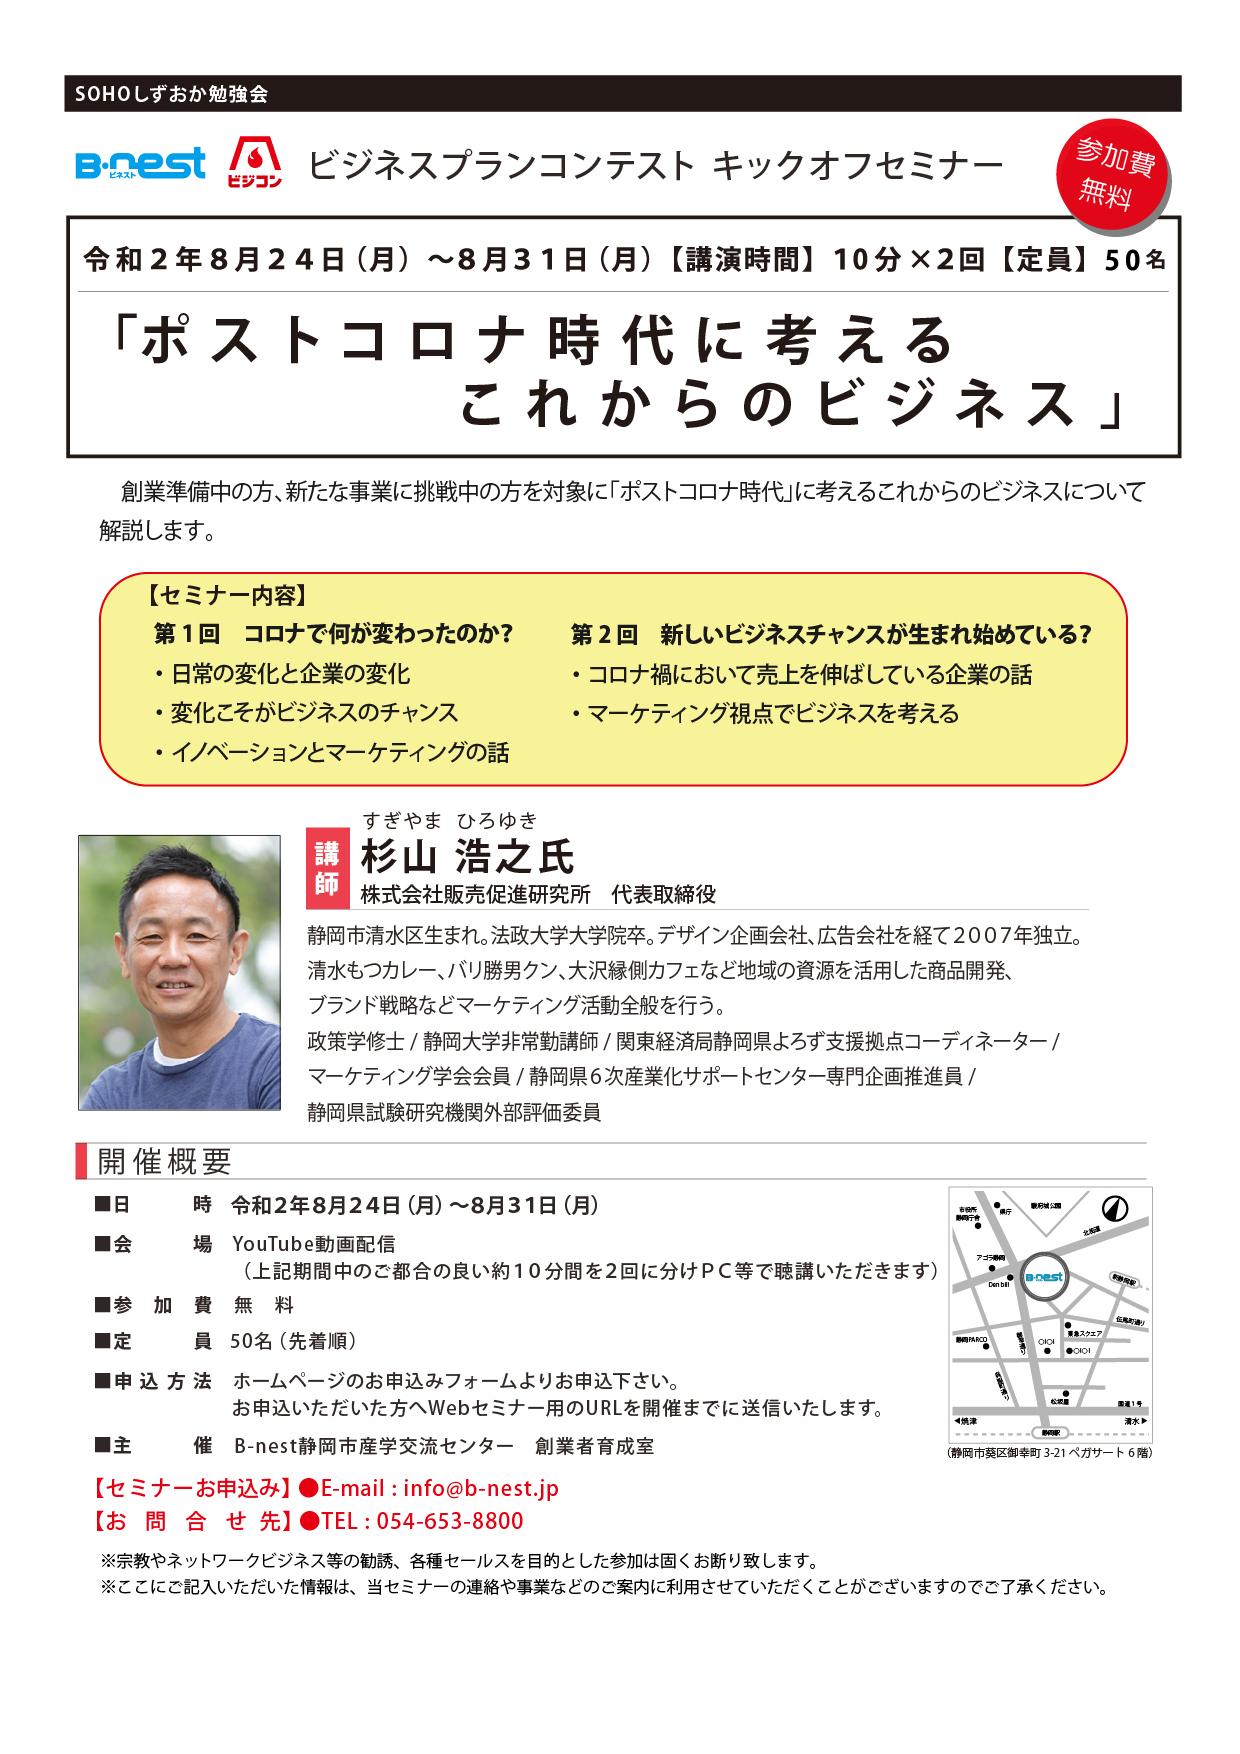 静岡 市 コロナ 情報